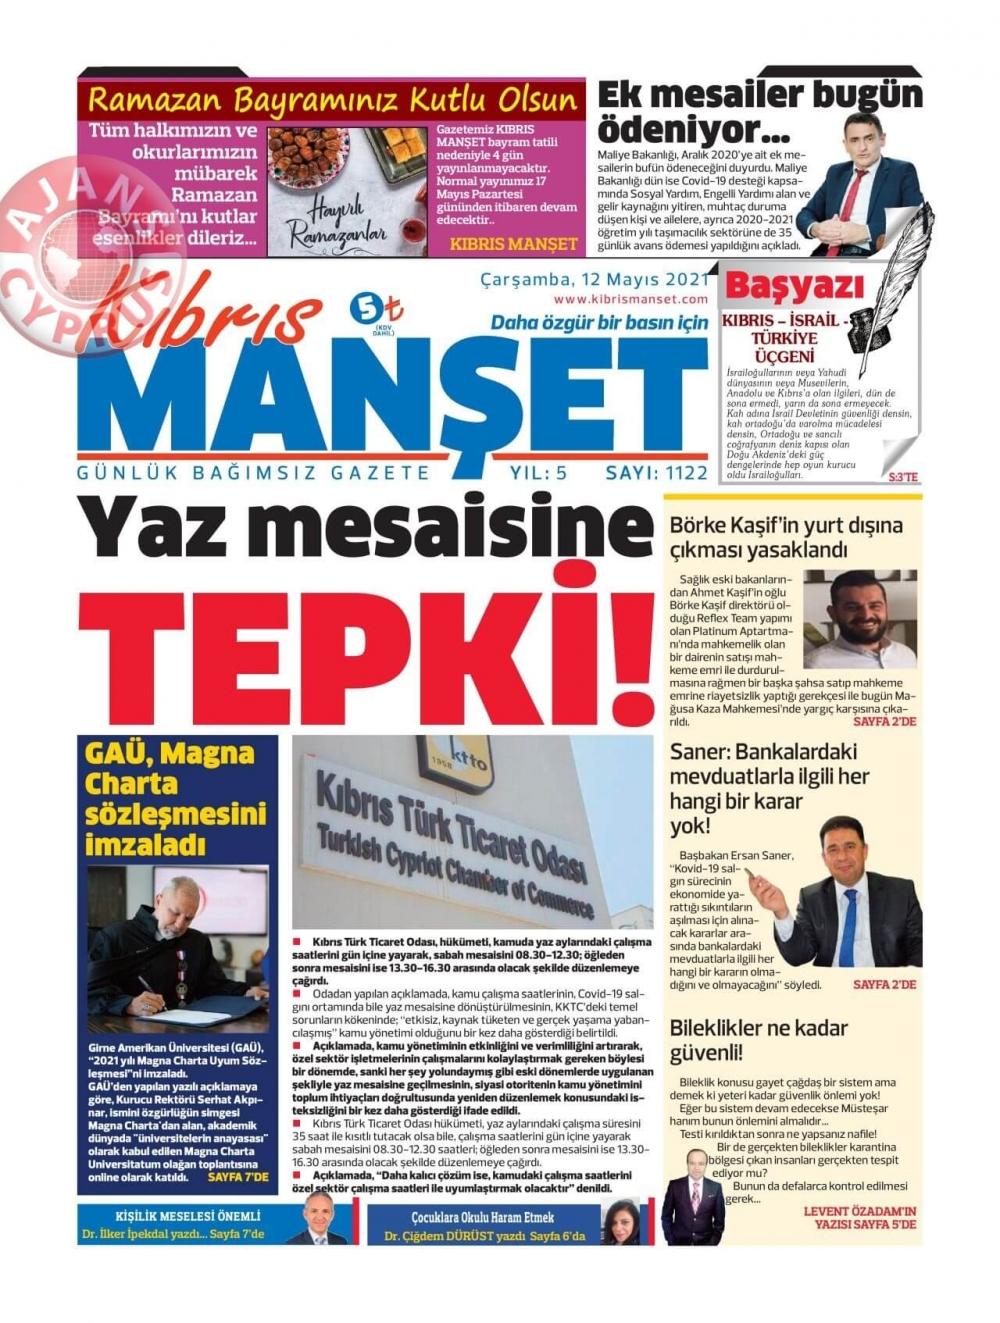 KKTC'de Gazeteler Bugün Ne Manşet Attı? (12 Mayıs 2021) galerisi resim 8